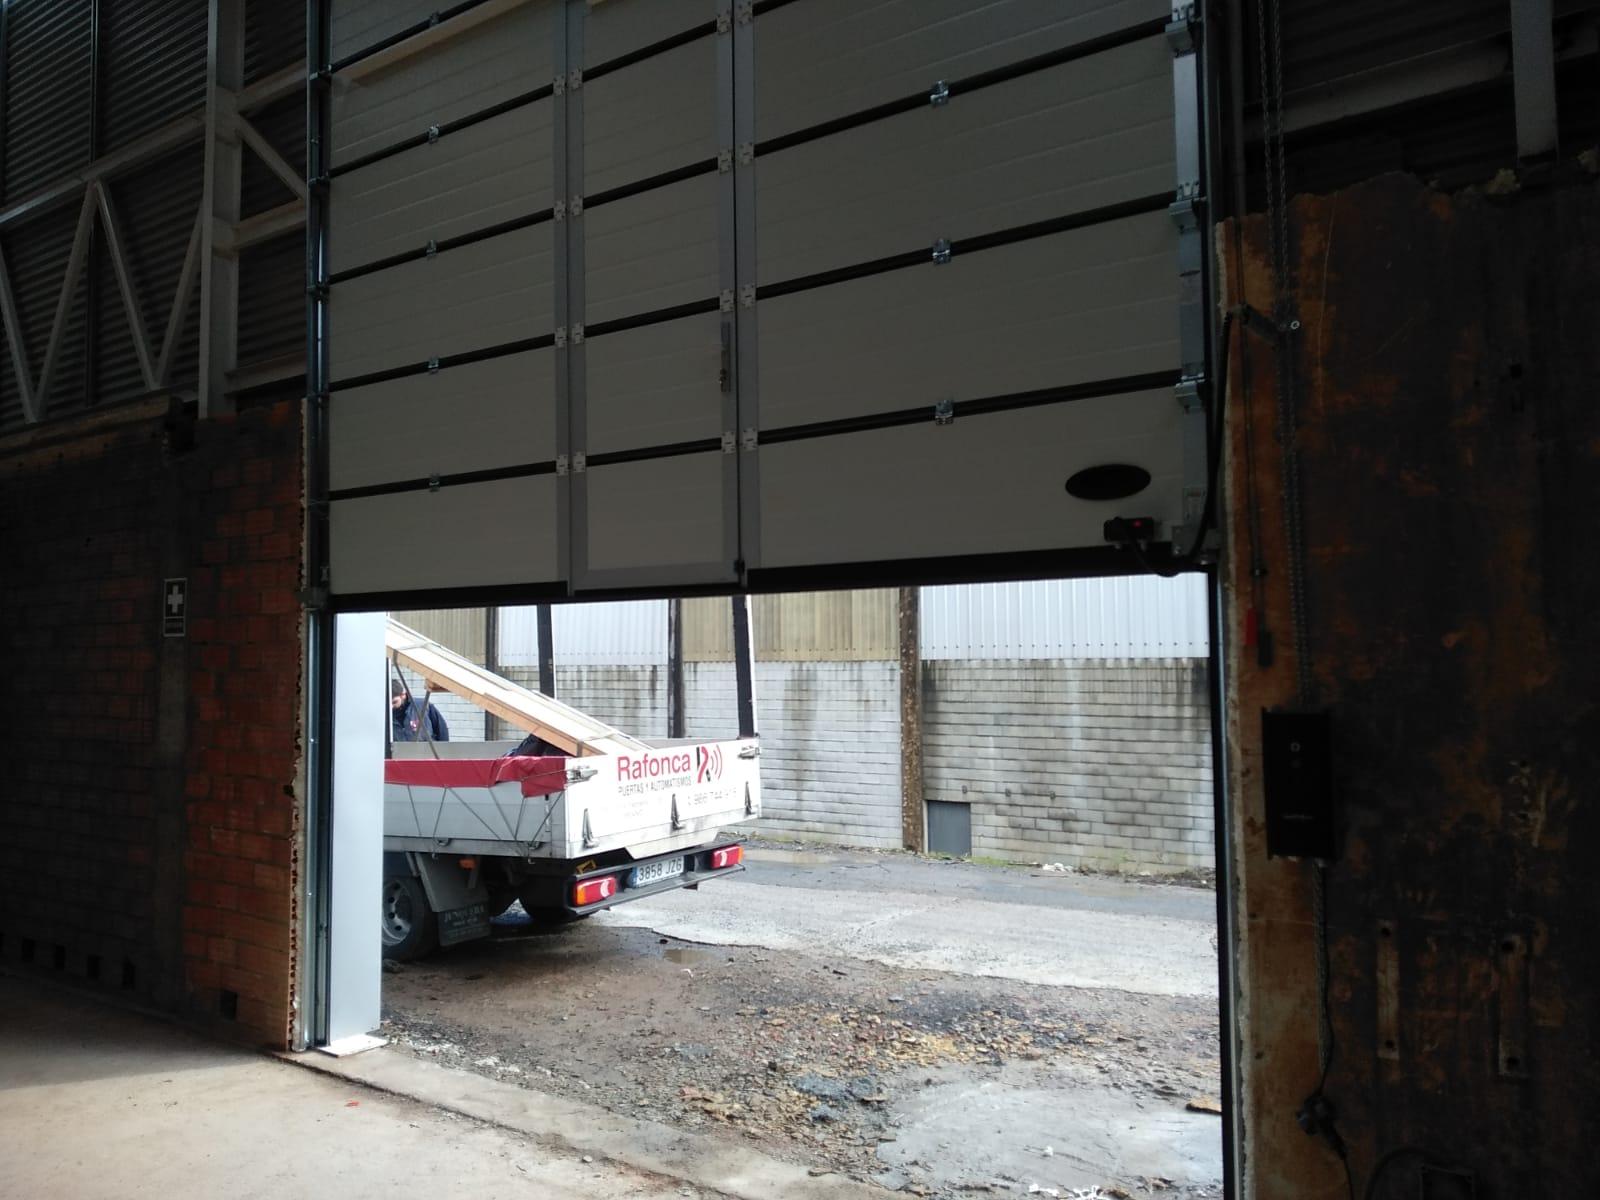 Puerta seccional industrial Novoferm ISD-2 Thermo 45 instalada en Padrón (A Coruña) 1